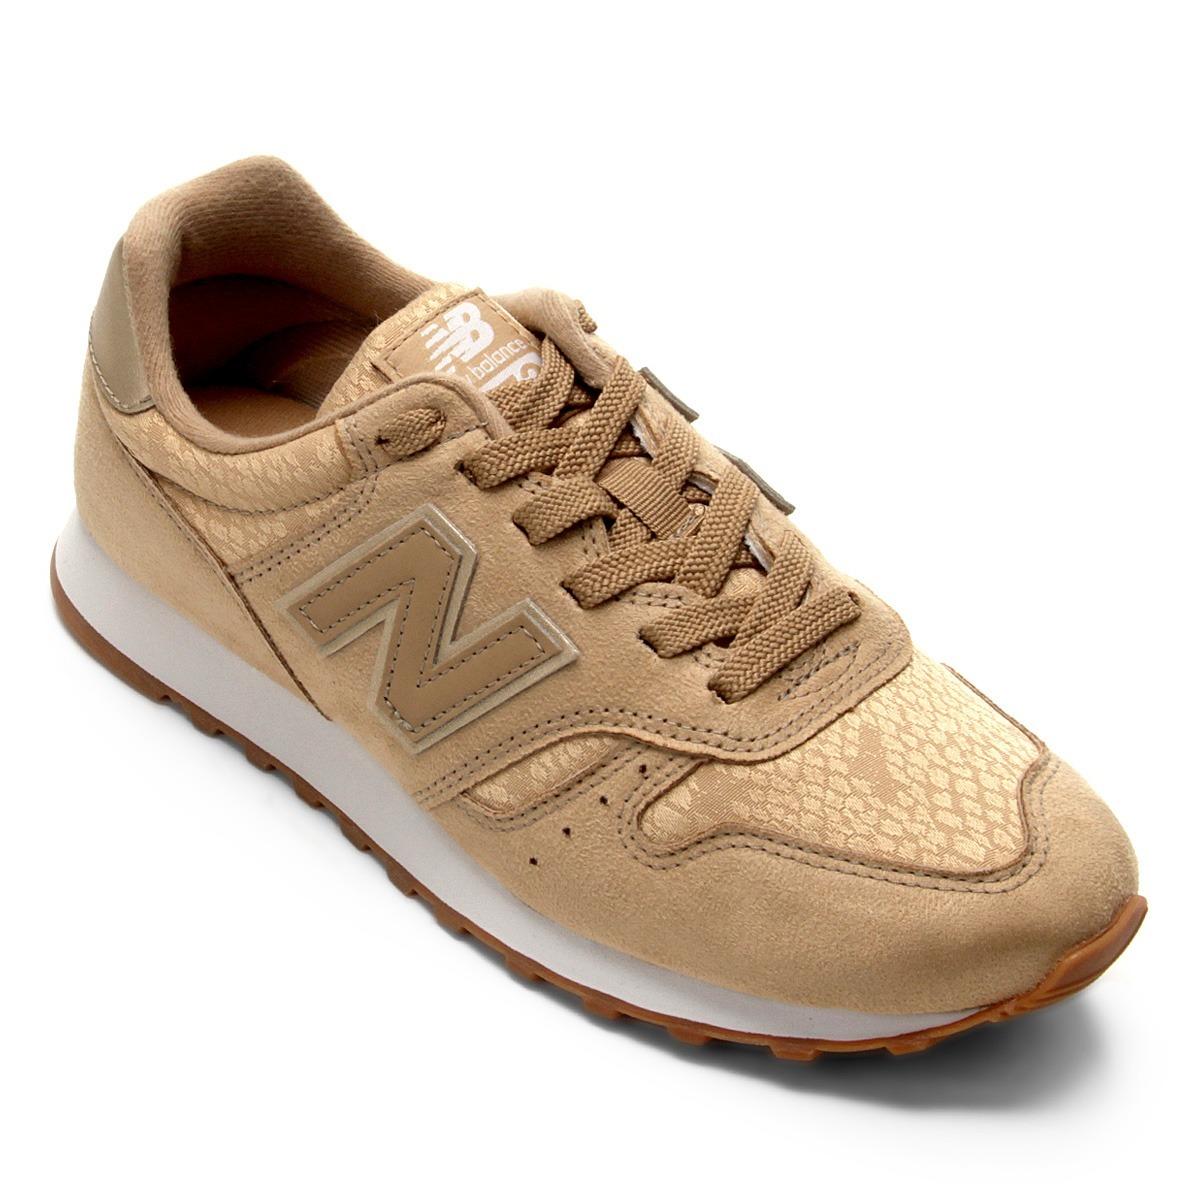 promo code 55c32 216f5 tênis new balance 373 feminino - original. Carregando zoom.